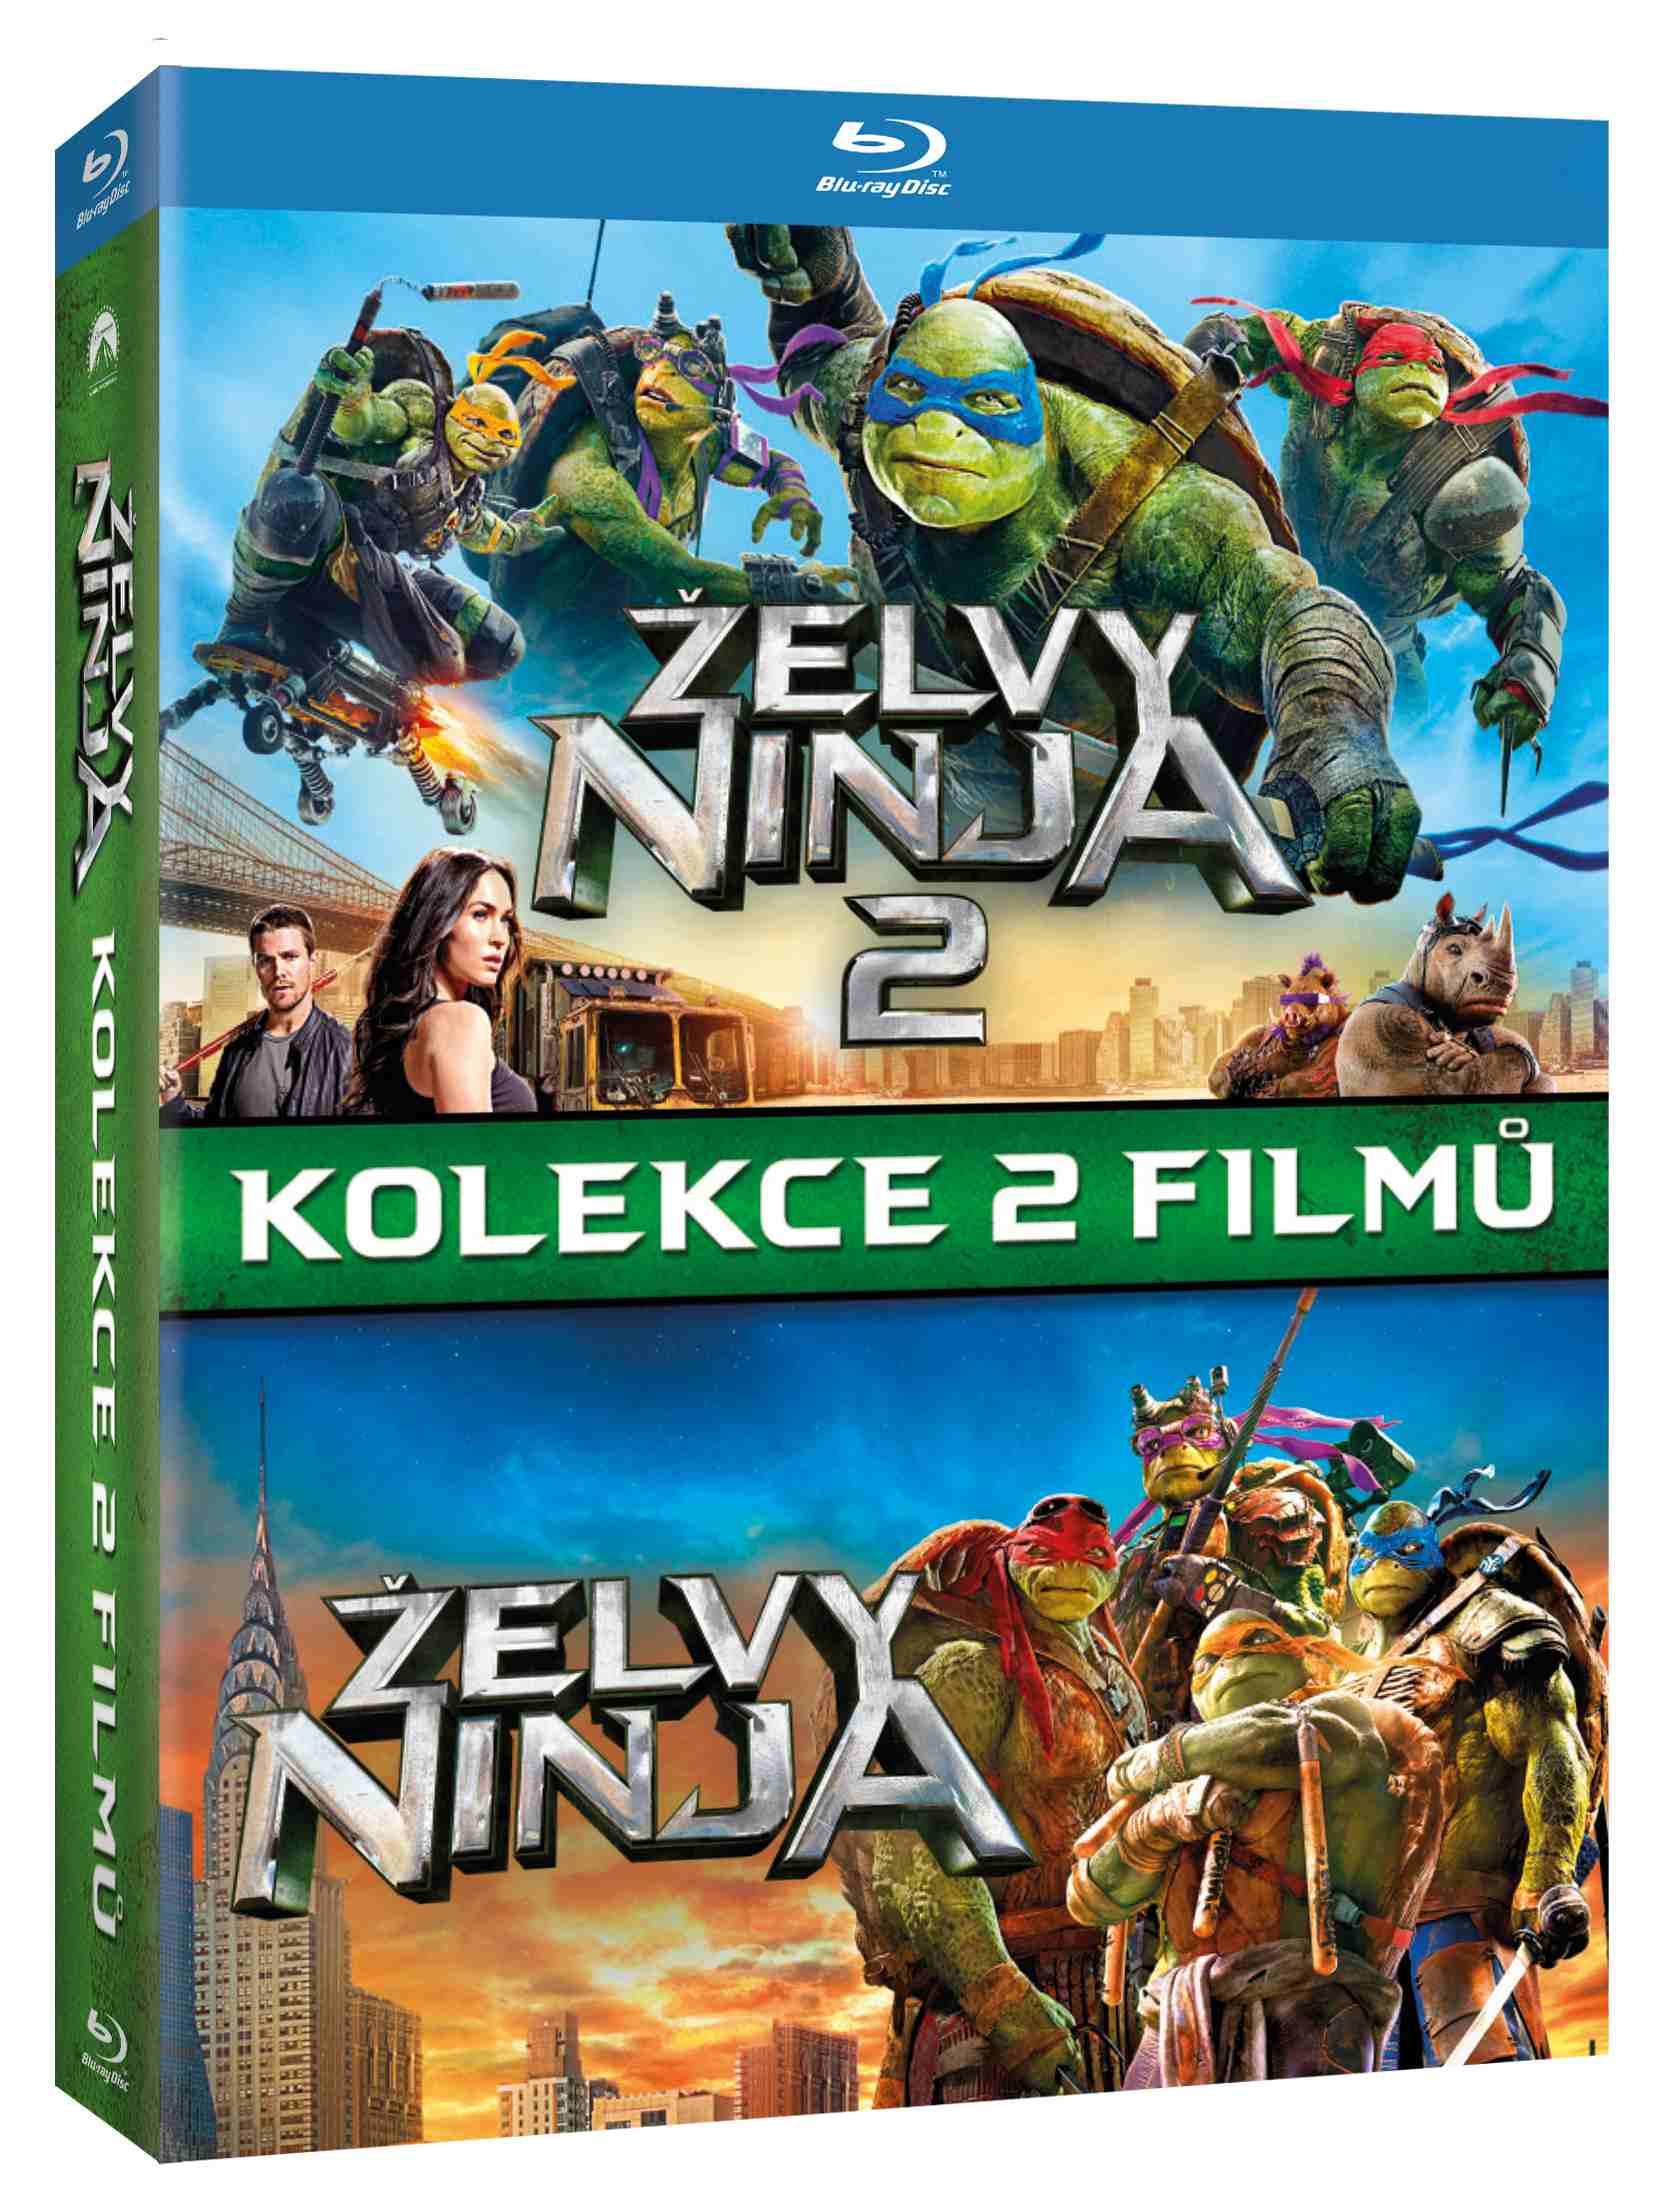 ŽELVY NINJA 1+2 KOLEKCE (2 BD) - Blu-ray